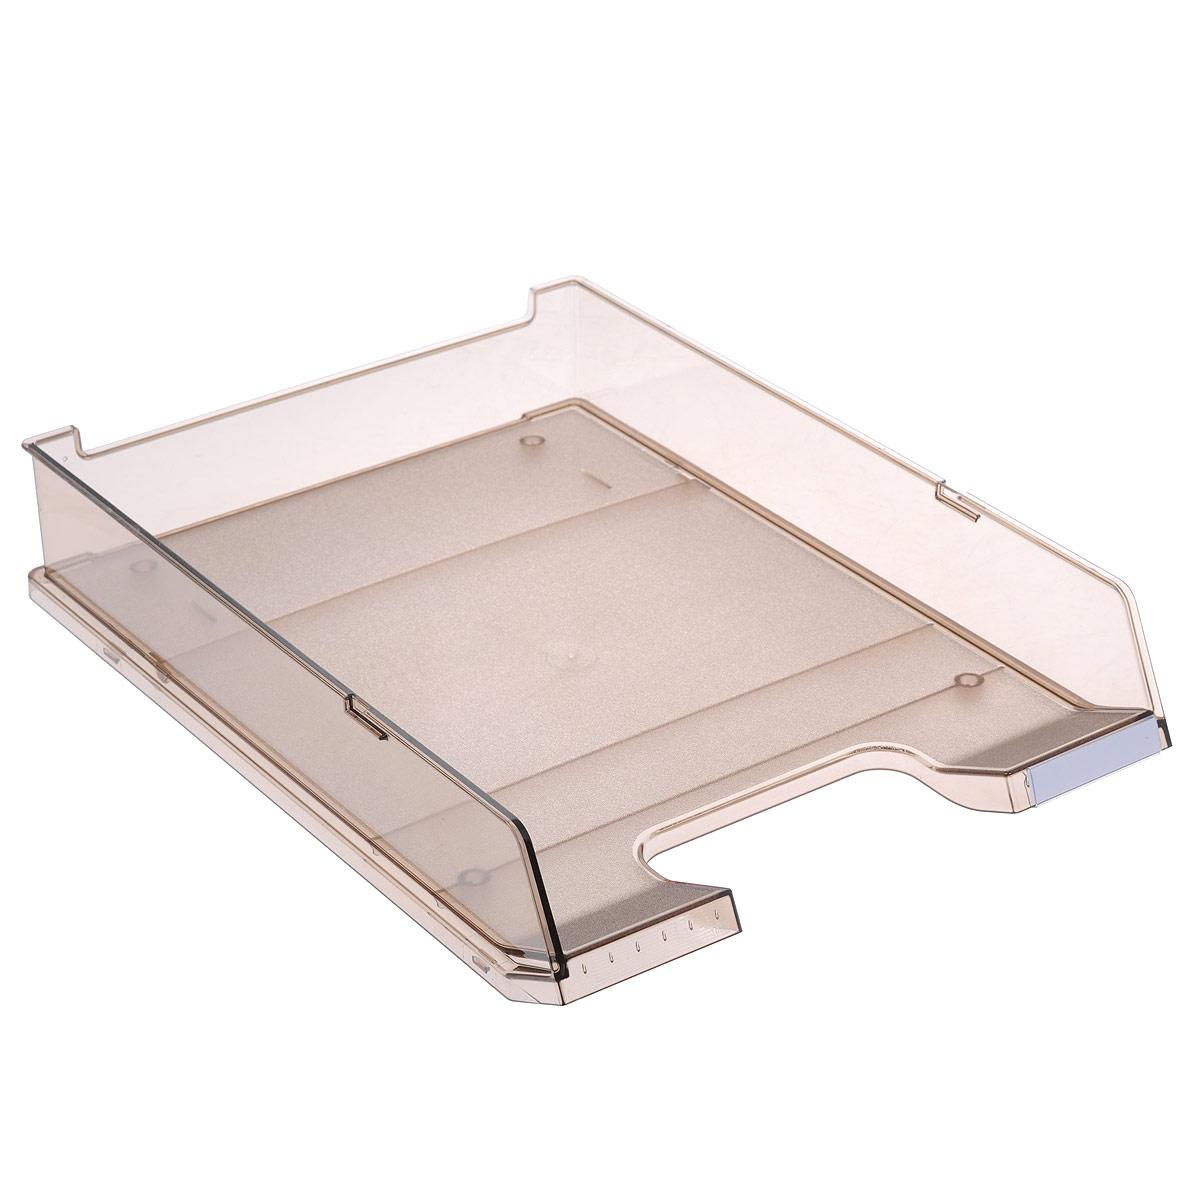 Лоток для бумаг горизонтальный HAN C4, прозрачный, цвет: черныйHA1020/09Горизонтальный лоток для бумаг HAN C4 предназначен для хранения бумаг и документов формата А4. Лоток с оригинальным дизайном корпуса поможет вам навести порядок на столе и сэкономить пространство. Лоток изготовлен из экологически чистого прозрачного антистатического пластика. Приподнятая фронтальная часть лотка облегчает изъятие документов из накопителя. Лоток имеет пластиковые ножки, предотвращающие скольжение по столу. Также лоток оснащен небольшим прозрачным окошком для этикетки. Лоток для бумаг станет незаменимым помощником для работы с бумагами дома или в офисе, а его стильный дизайн впишется в любой интерьер. Благодаря лотку для бумаг, важные бумаги и документы всегда будут под рукой. Несколько лотков можно ставить друг на друга, один в другой и друг на друга со смещением.